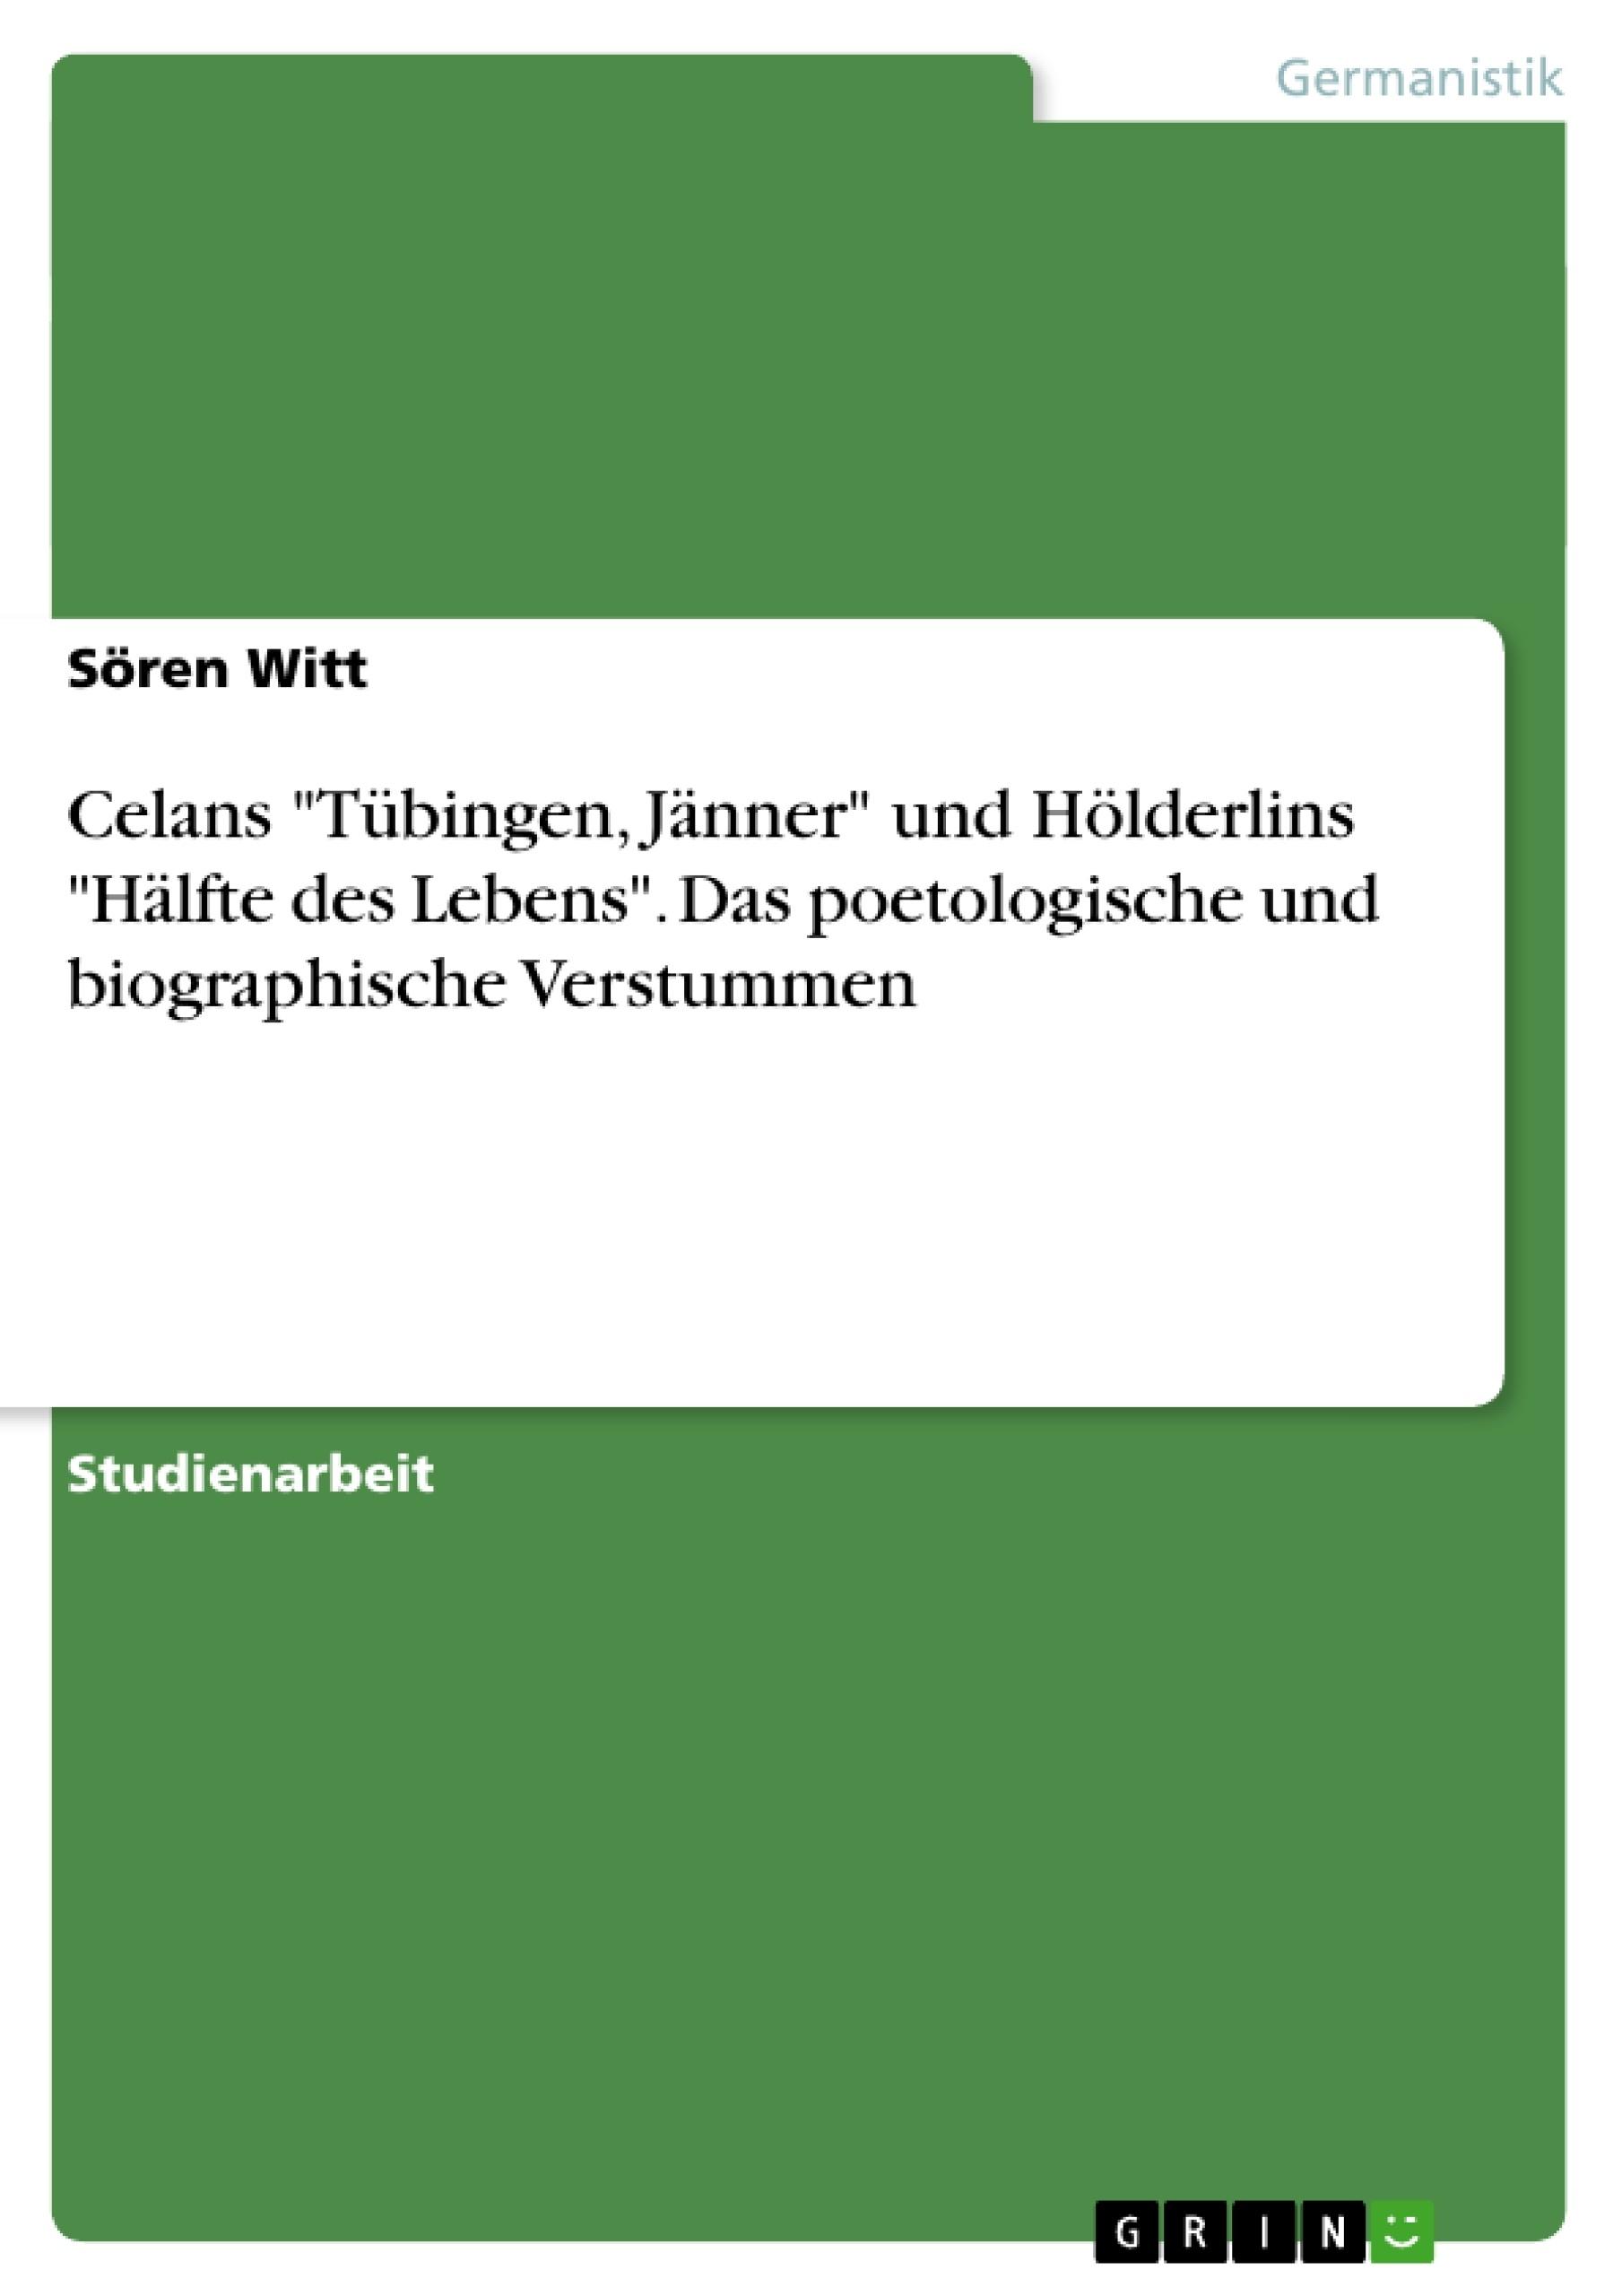 """Titel: Celans """"Tübingen, Jänner"""" und Hölderlins """"Hälfte des Lebens"""". Das poetologische und biographische Verstummen"""